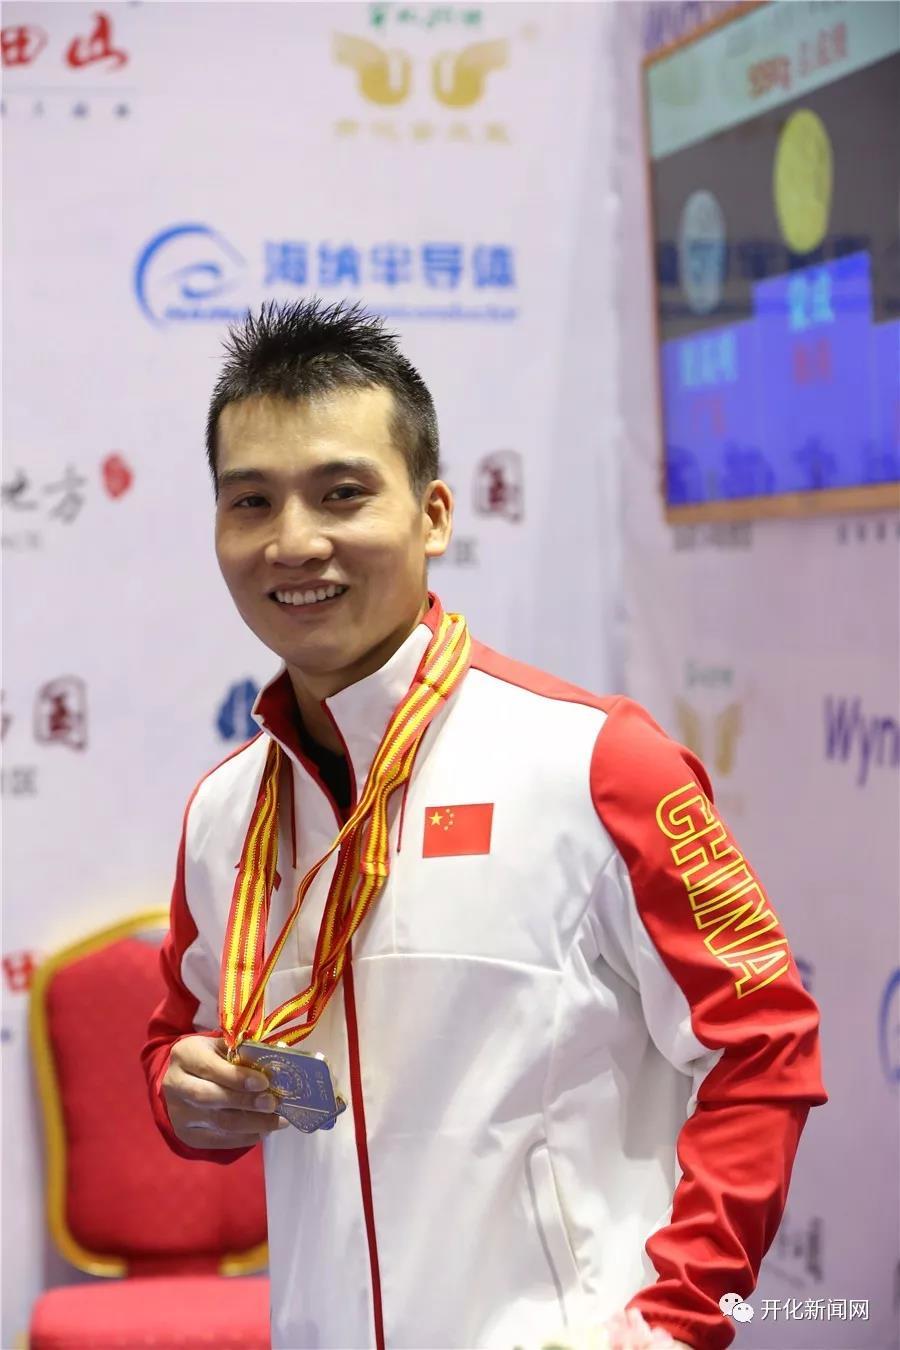 蒙成勇夺全国男子举重冠军赛55公斤级两金 为冲击世锦赛开好头